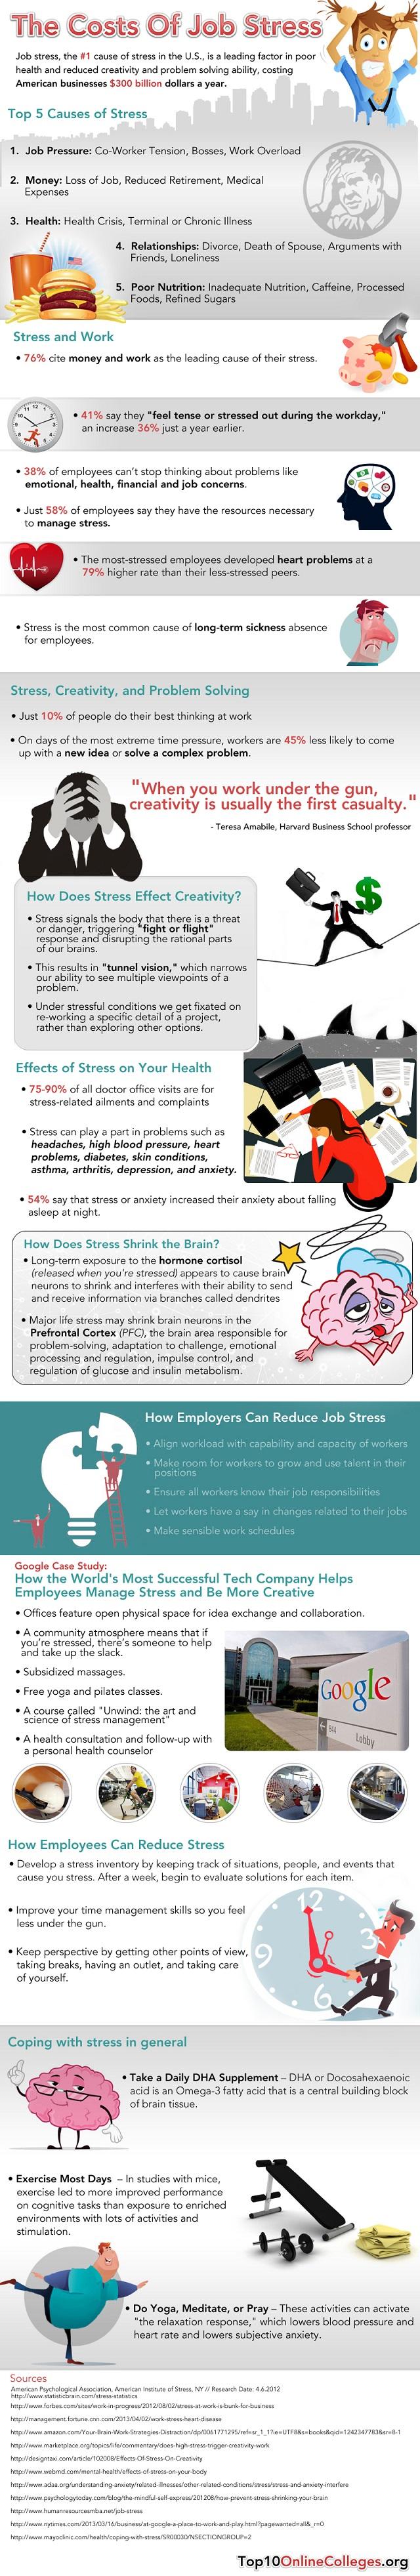 Das kostet uns der Stress im Job